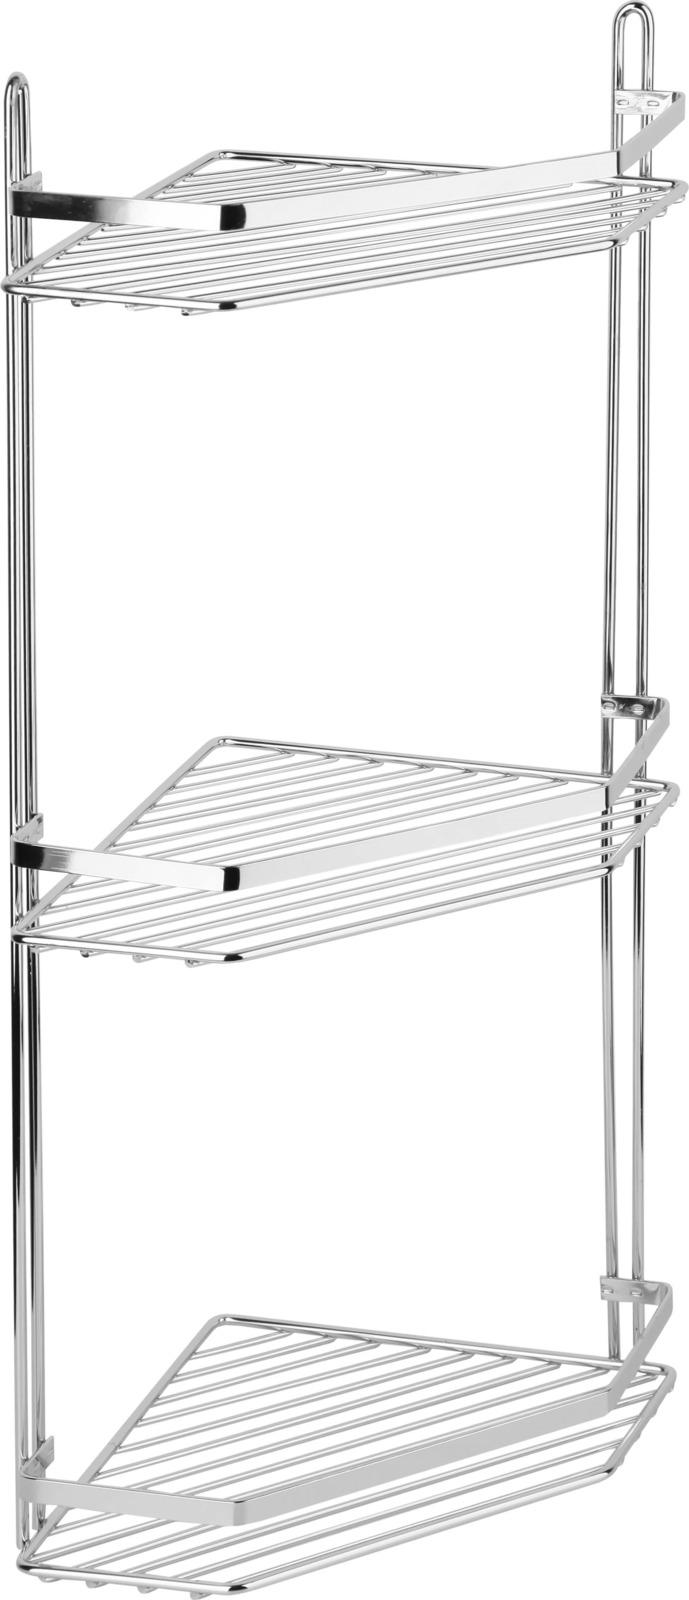 Полка для ванной комнаты Fora Corsa, KOR-629, серебристый полка для ванной комнаты fora triumf на присоске t033 серебристый